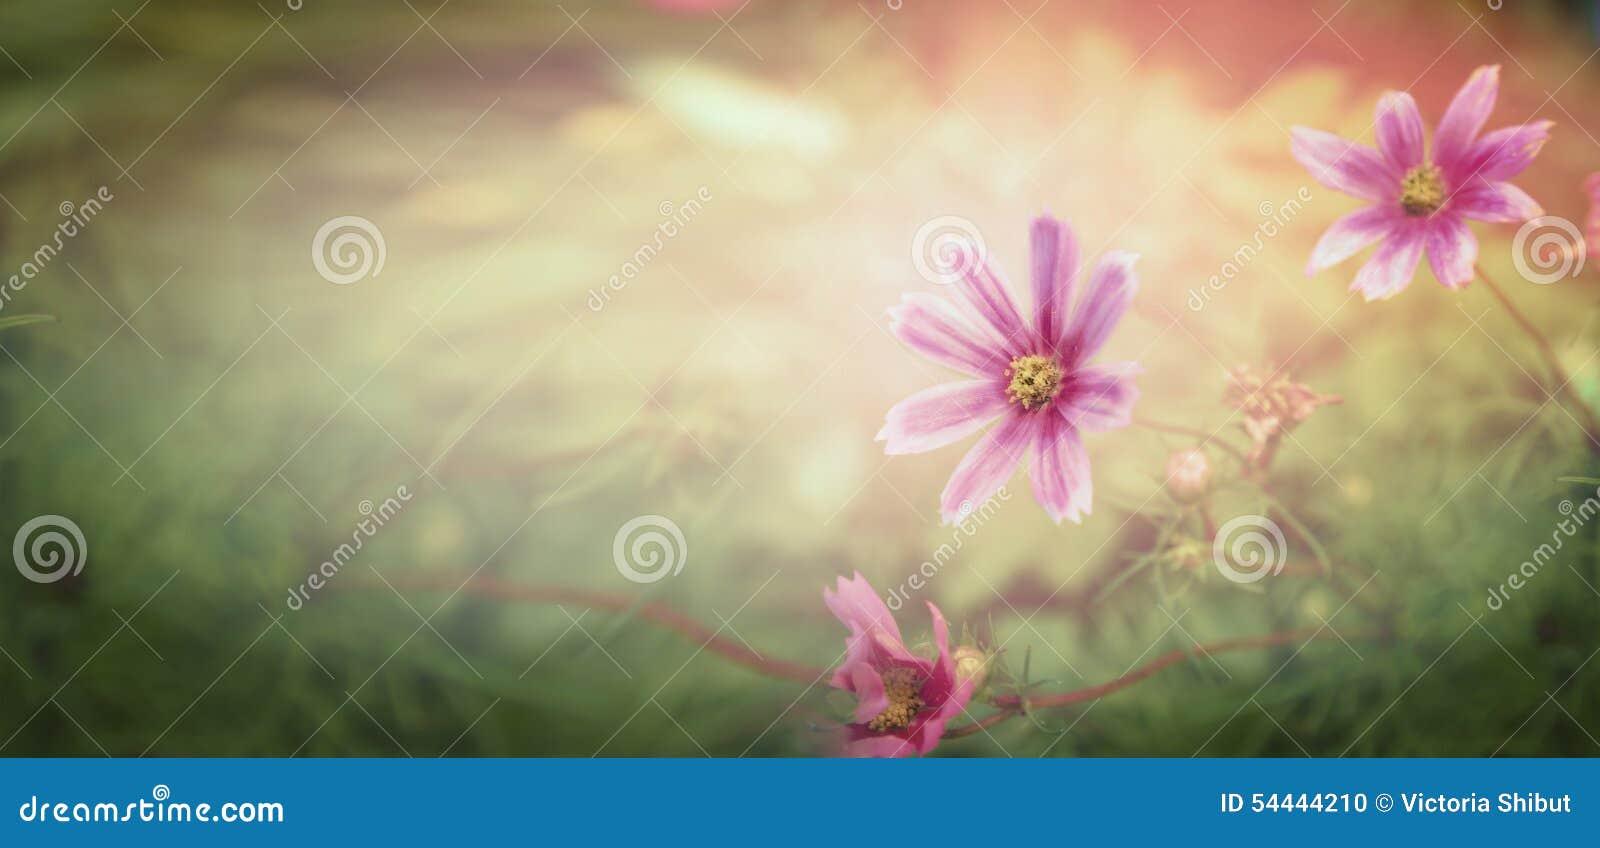 Flores do por do sol no fundo da natureza, bandeira